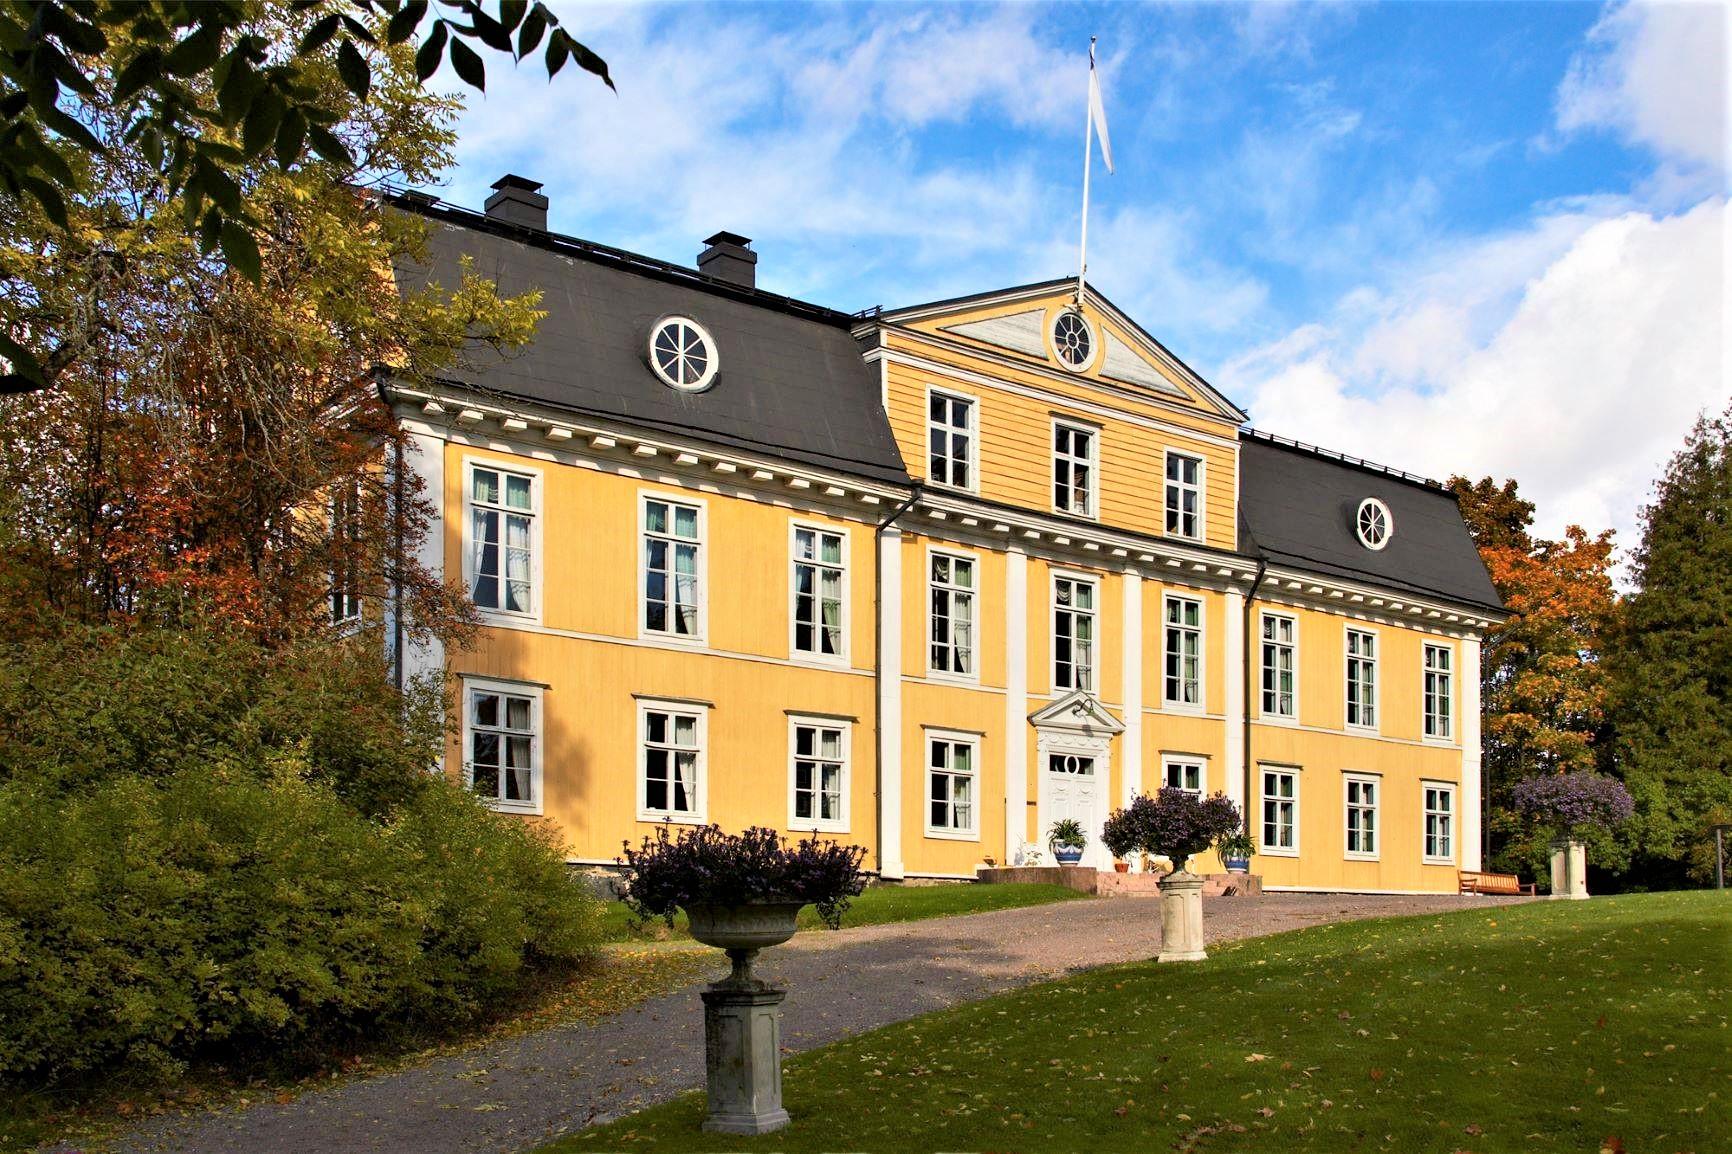 Svartå Manor - Mustion Linna - Svartå Slott